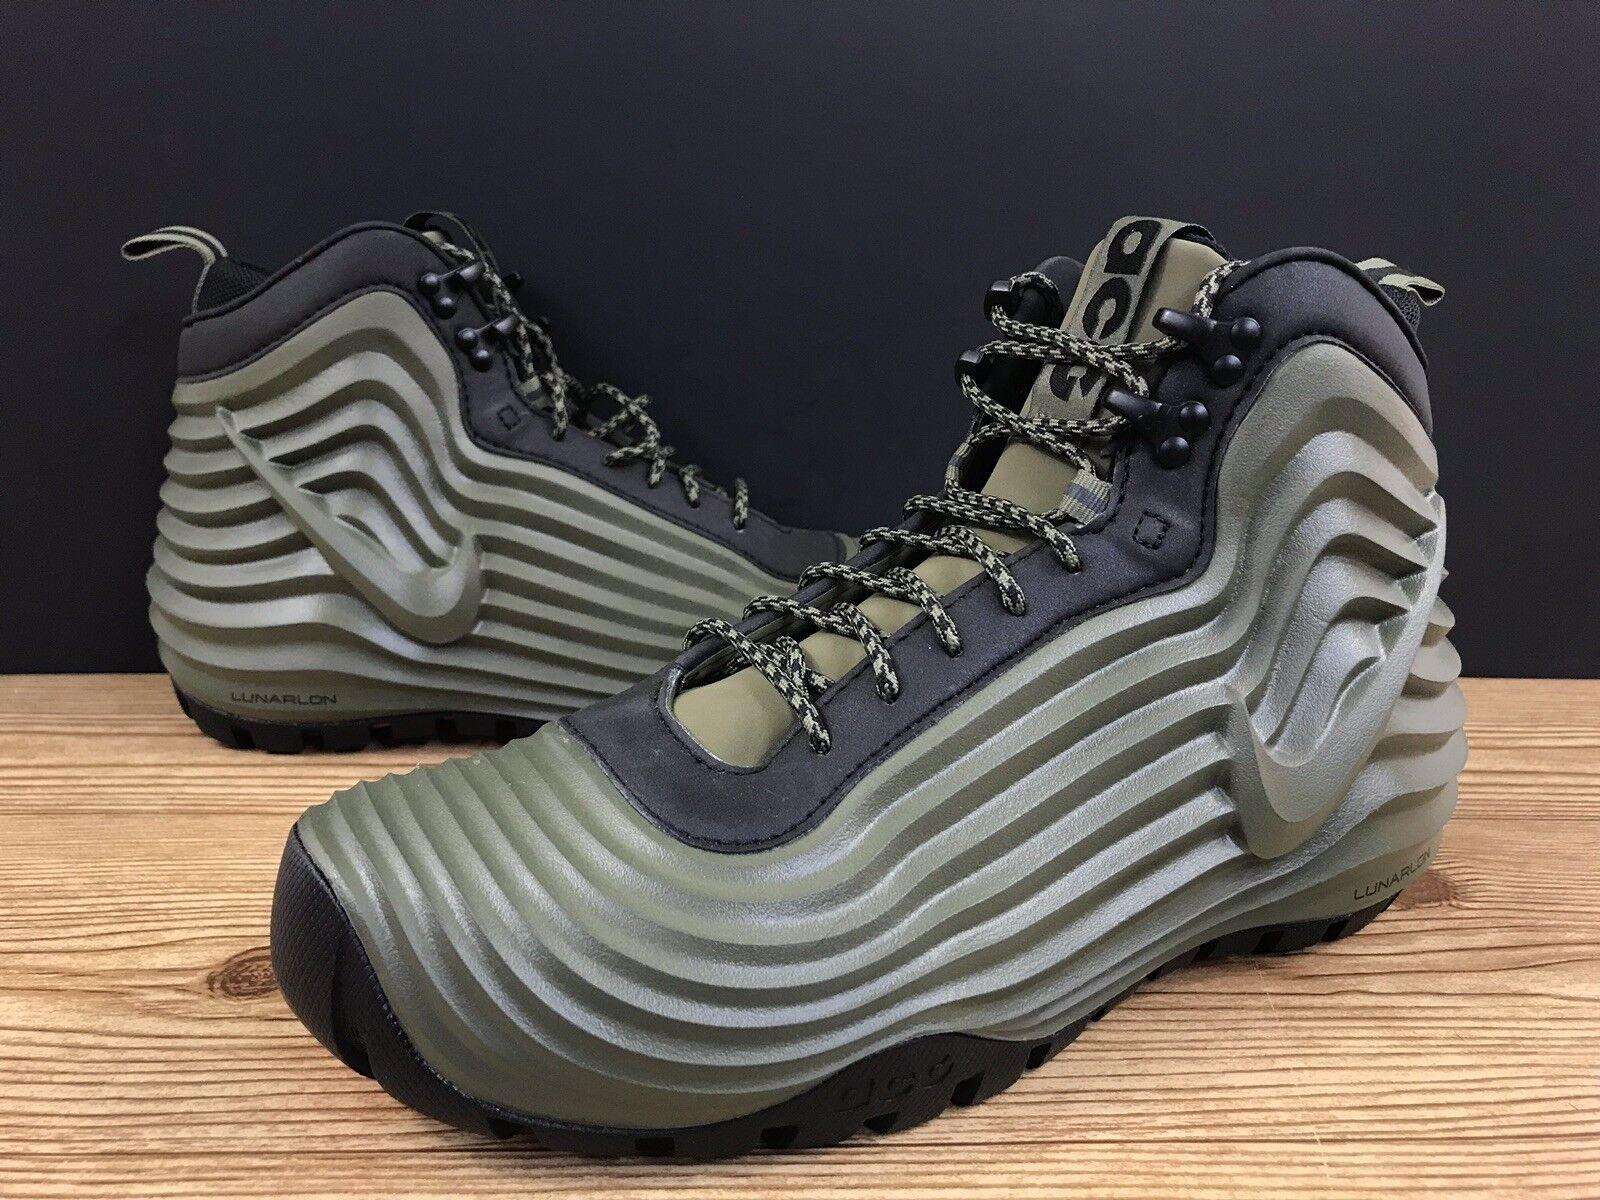 Nike Lunardome 1 Sneakerboot ACG 654867 220 Olive Black Sz 9 DEADSTOCK